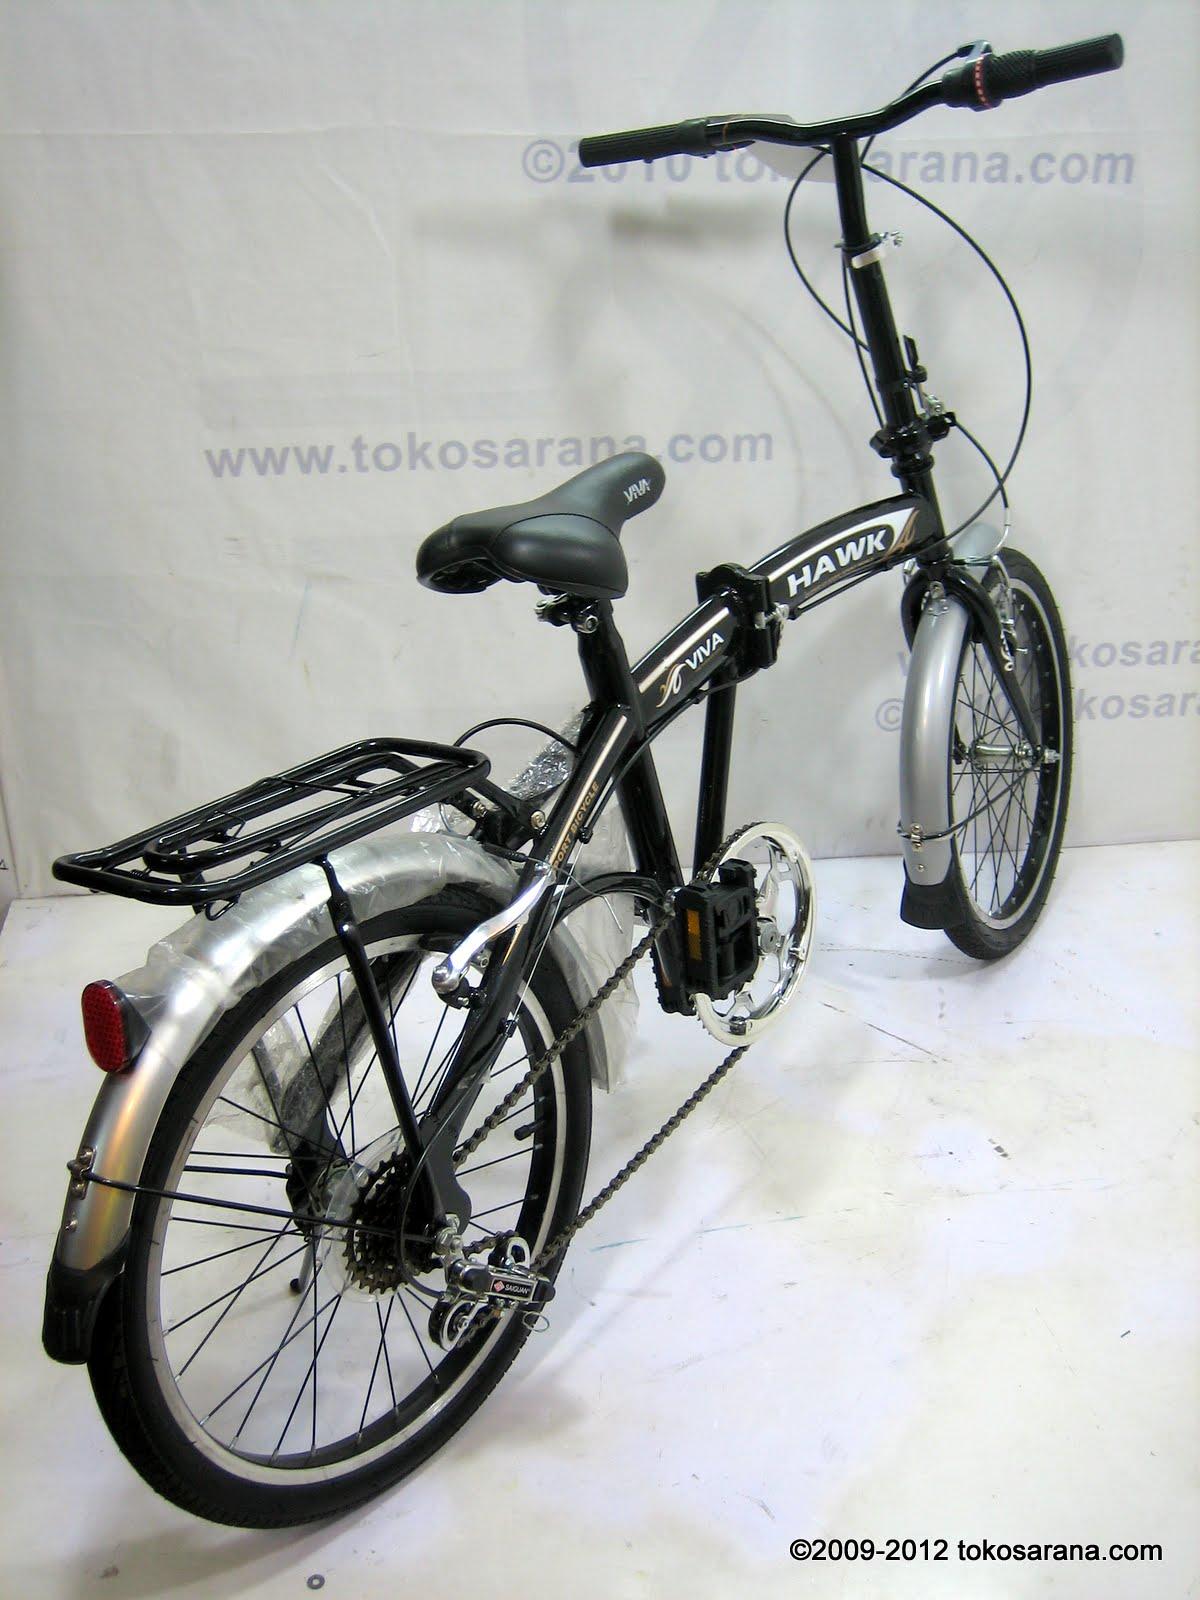 Clearance Sale: Sepeda, Mainan Anak dan Perlengkapan Bayi